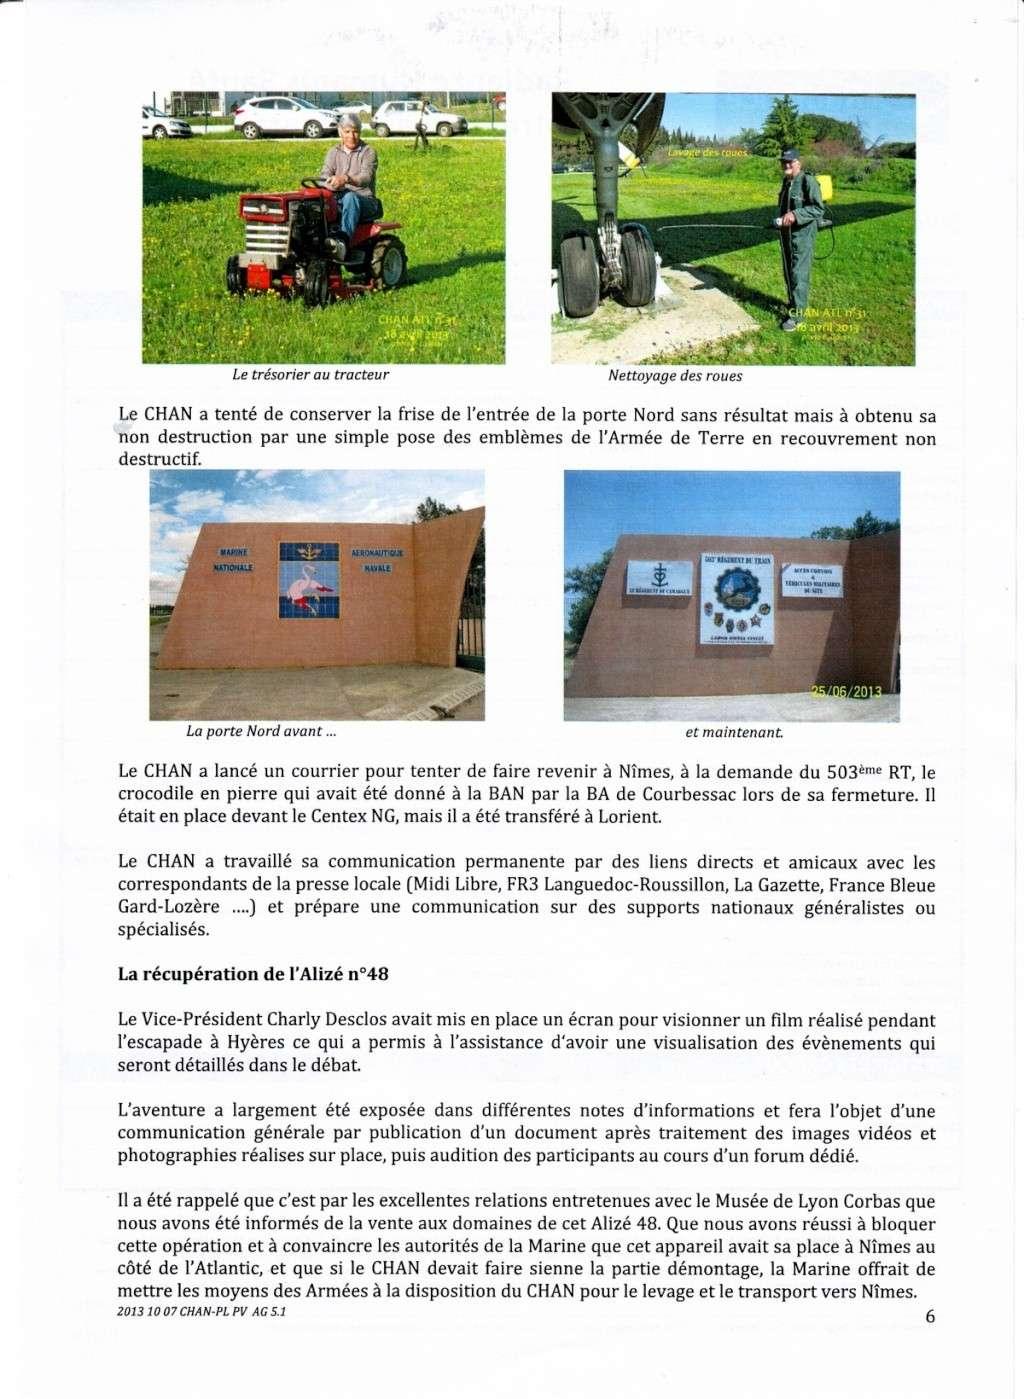 [Associations anciens marins] C.H.A.N.-Nîmes (Conservatoire Historique de l'Aéronavale-Nîmes) Imagec41